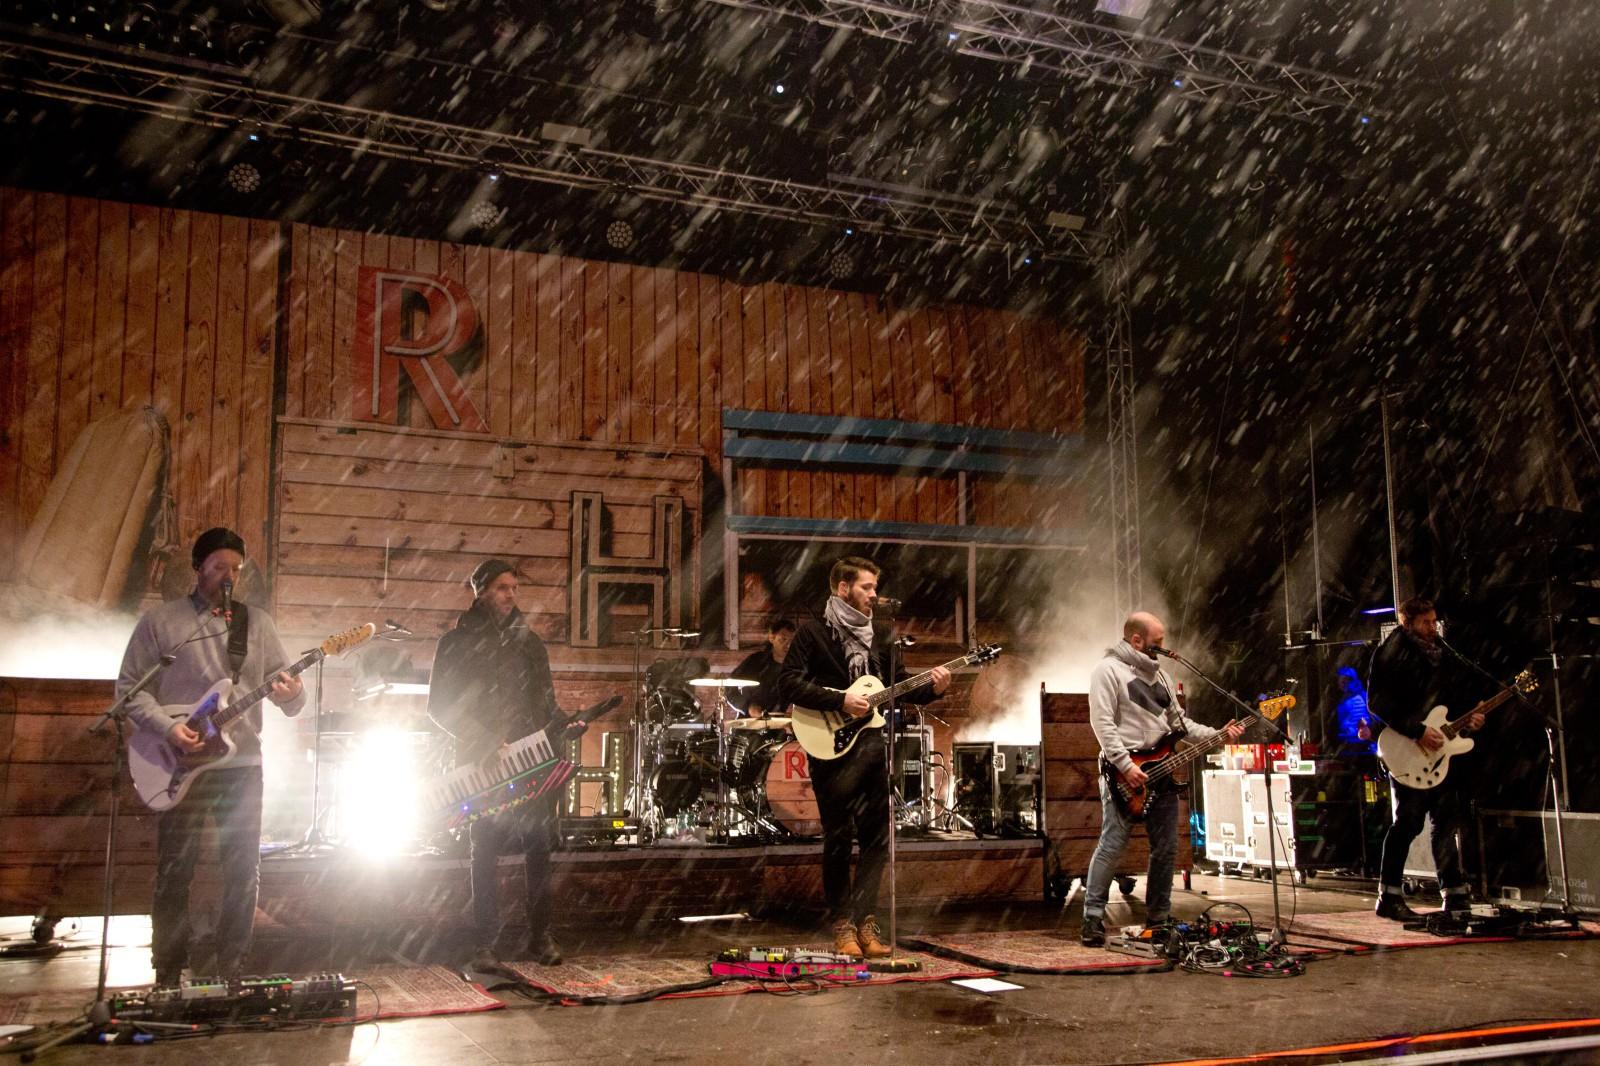 Revolverheld im Schneetreiben